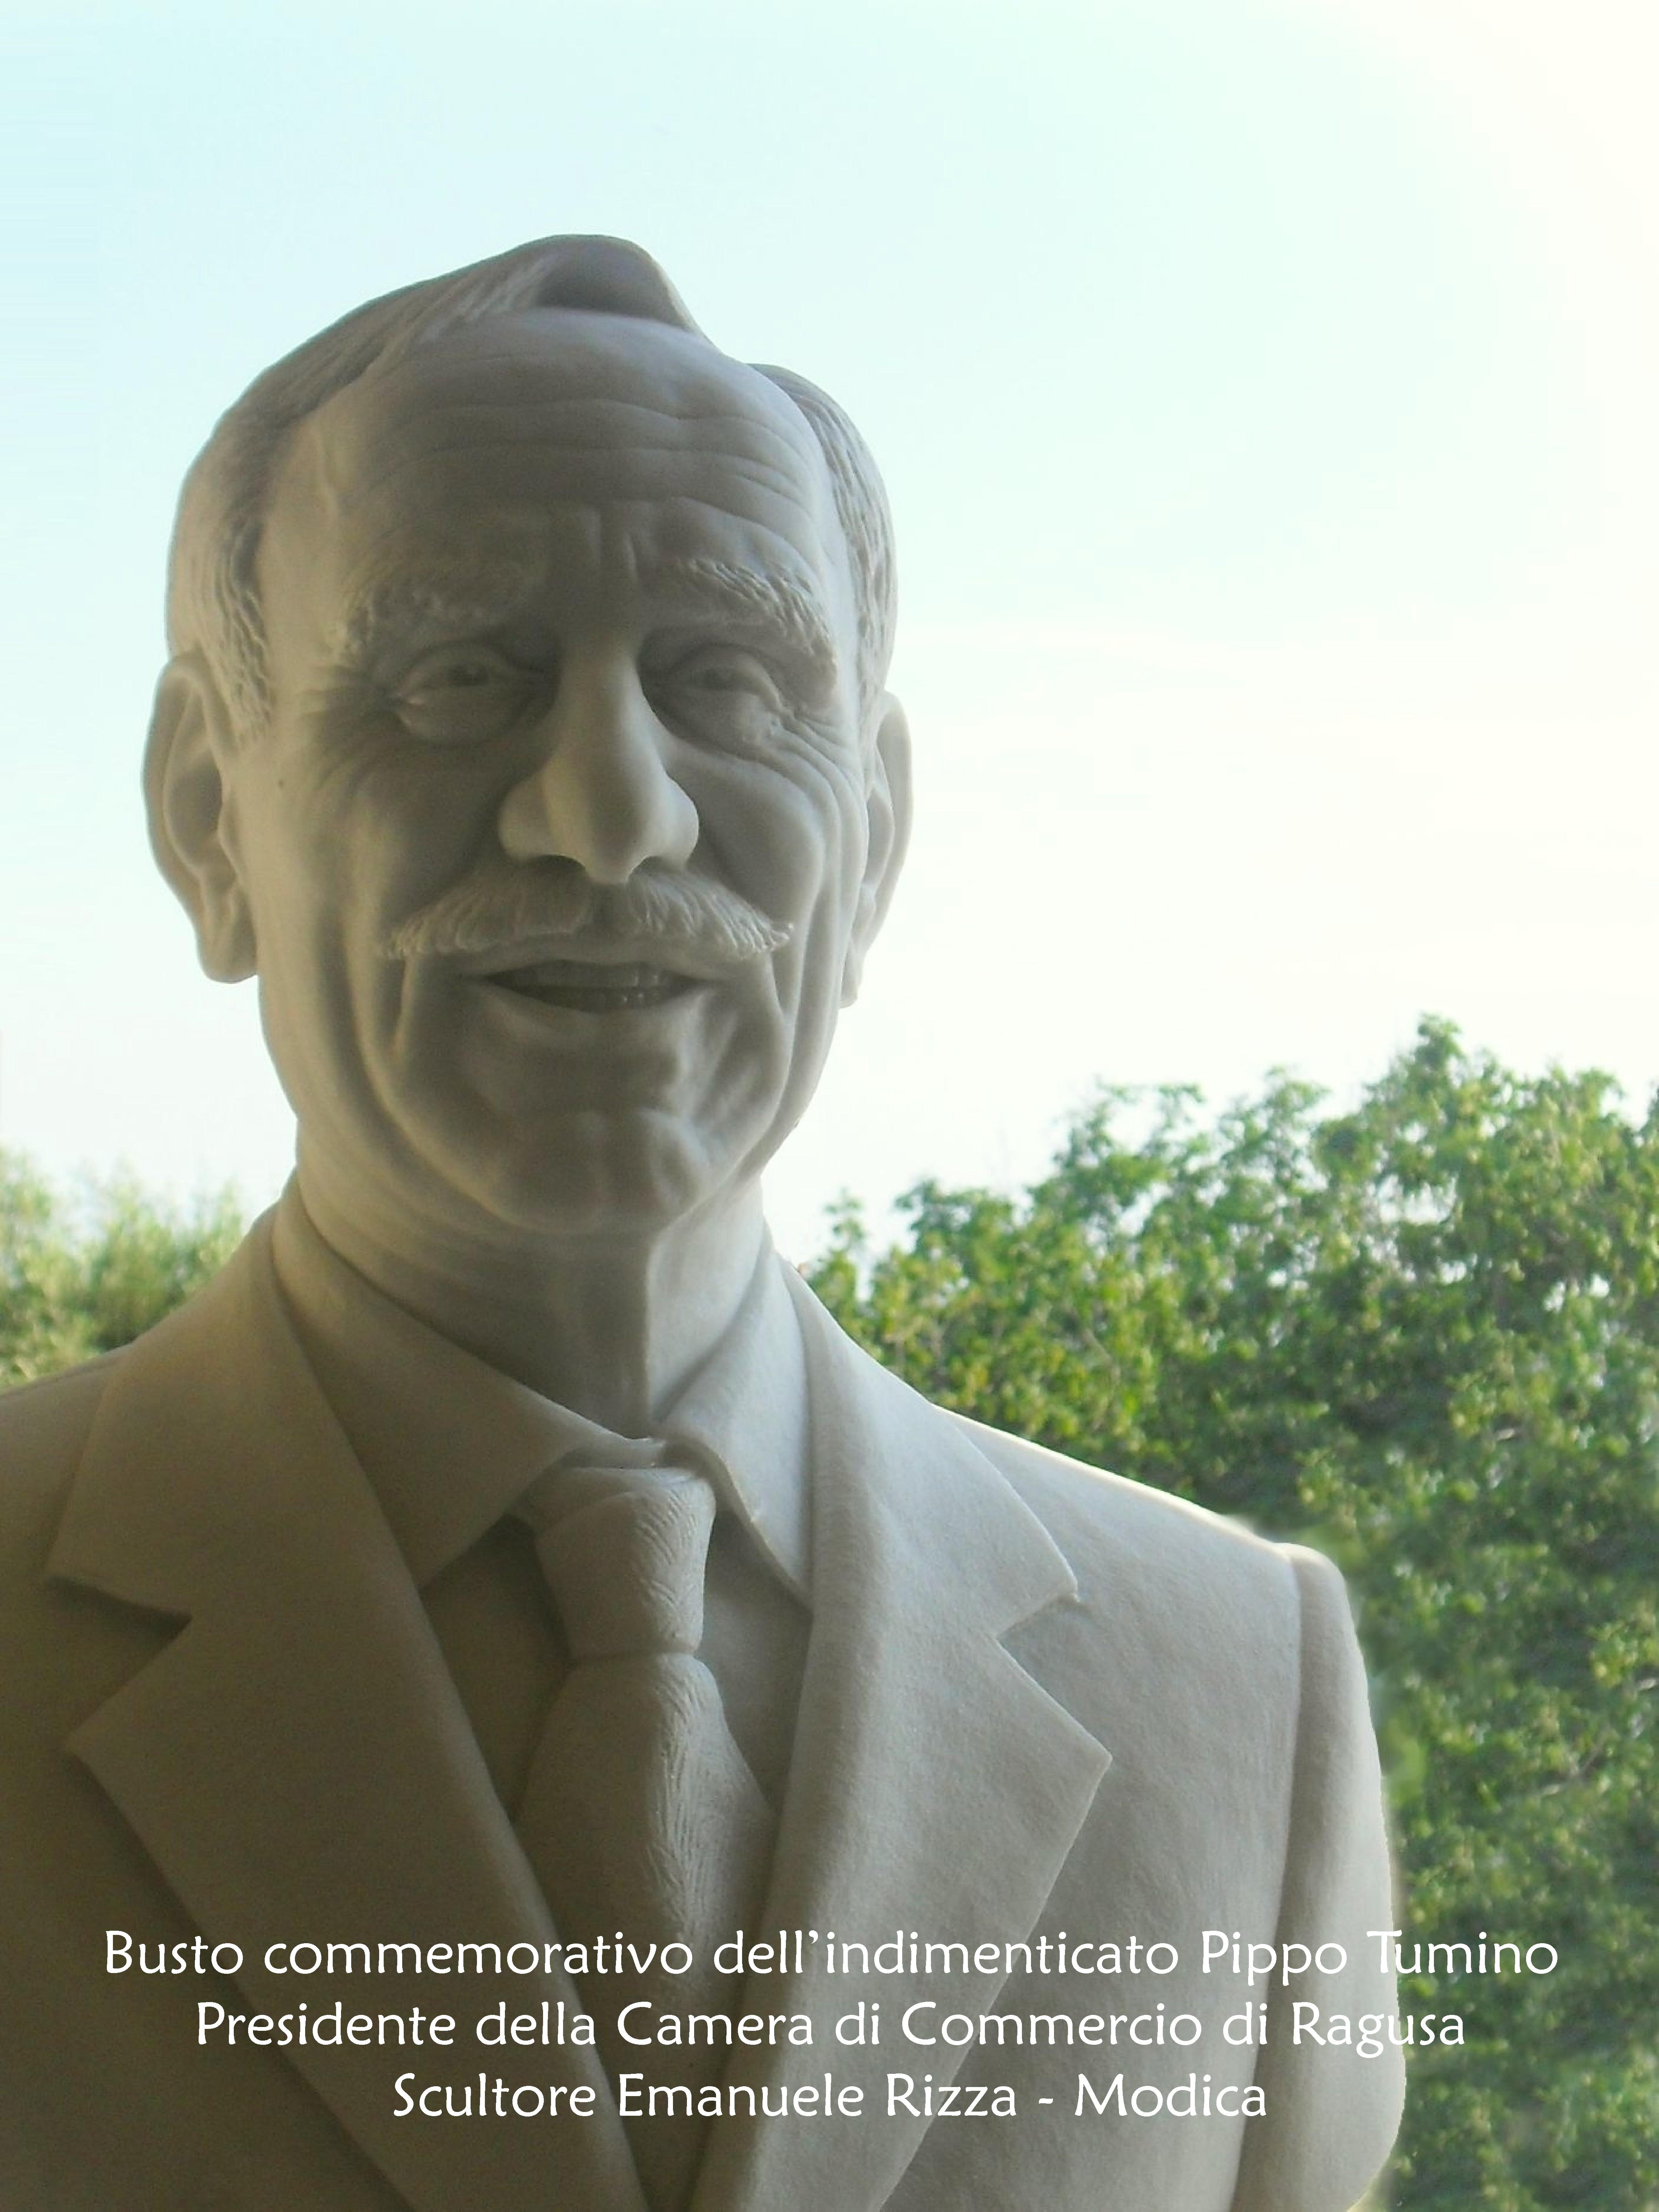 pippo tumino, busto realizzato da Emanuele Rizza